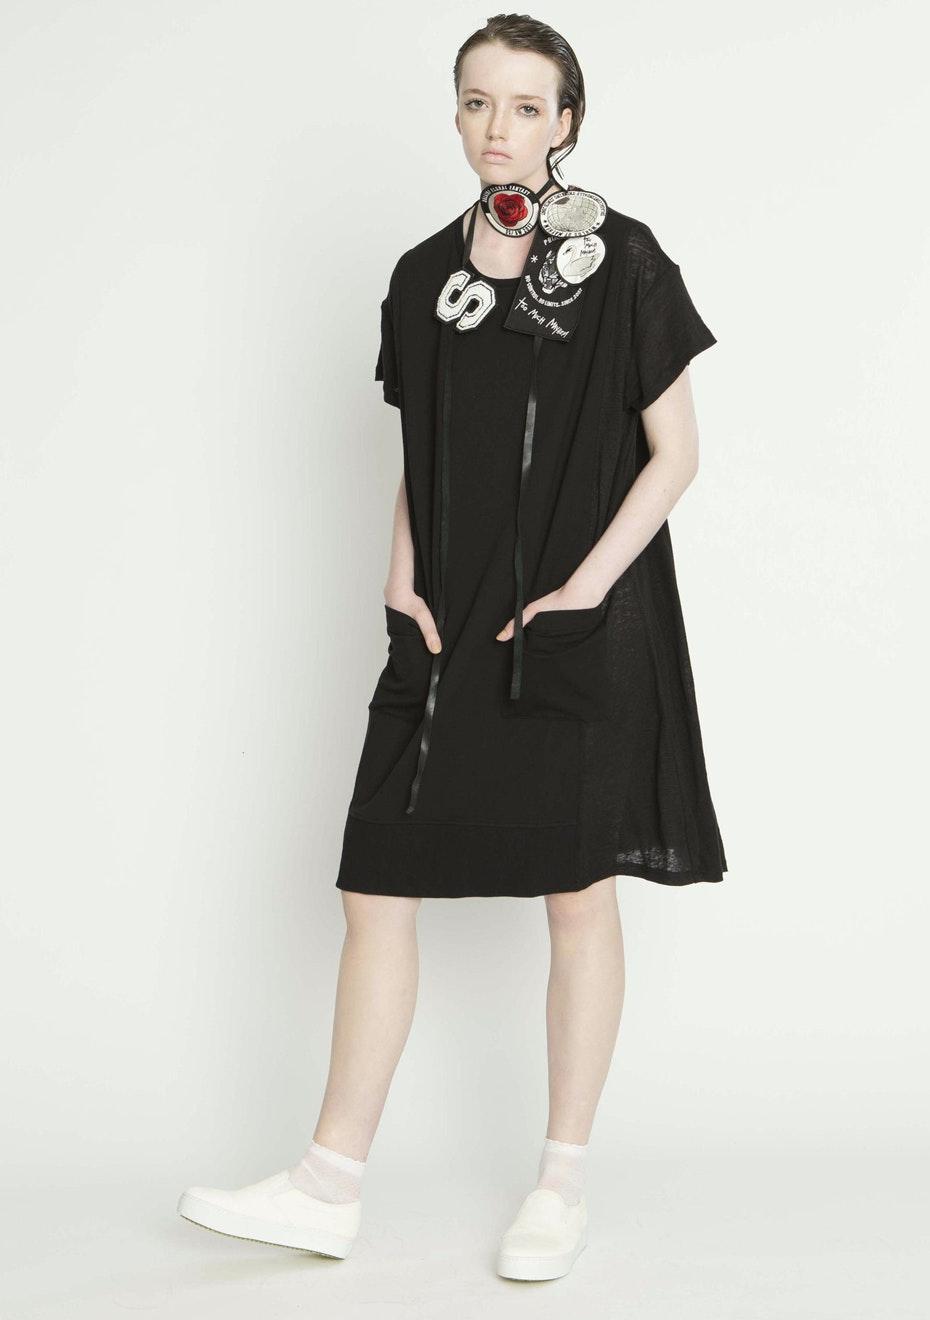 Salasai - ODDMENTS SWEAT DRESS - BLACK